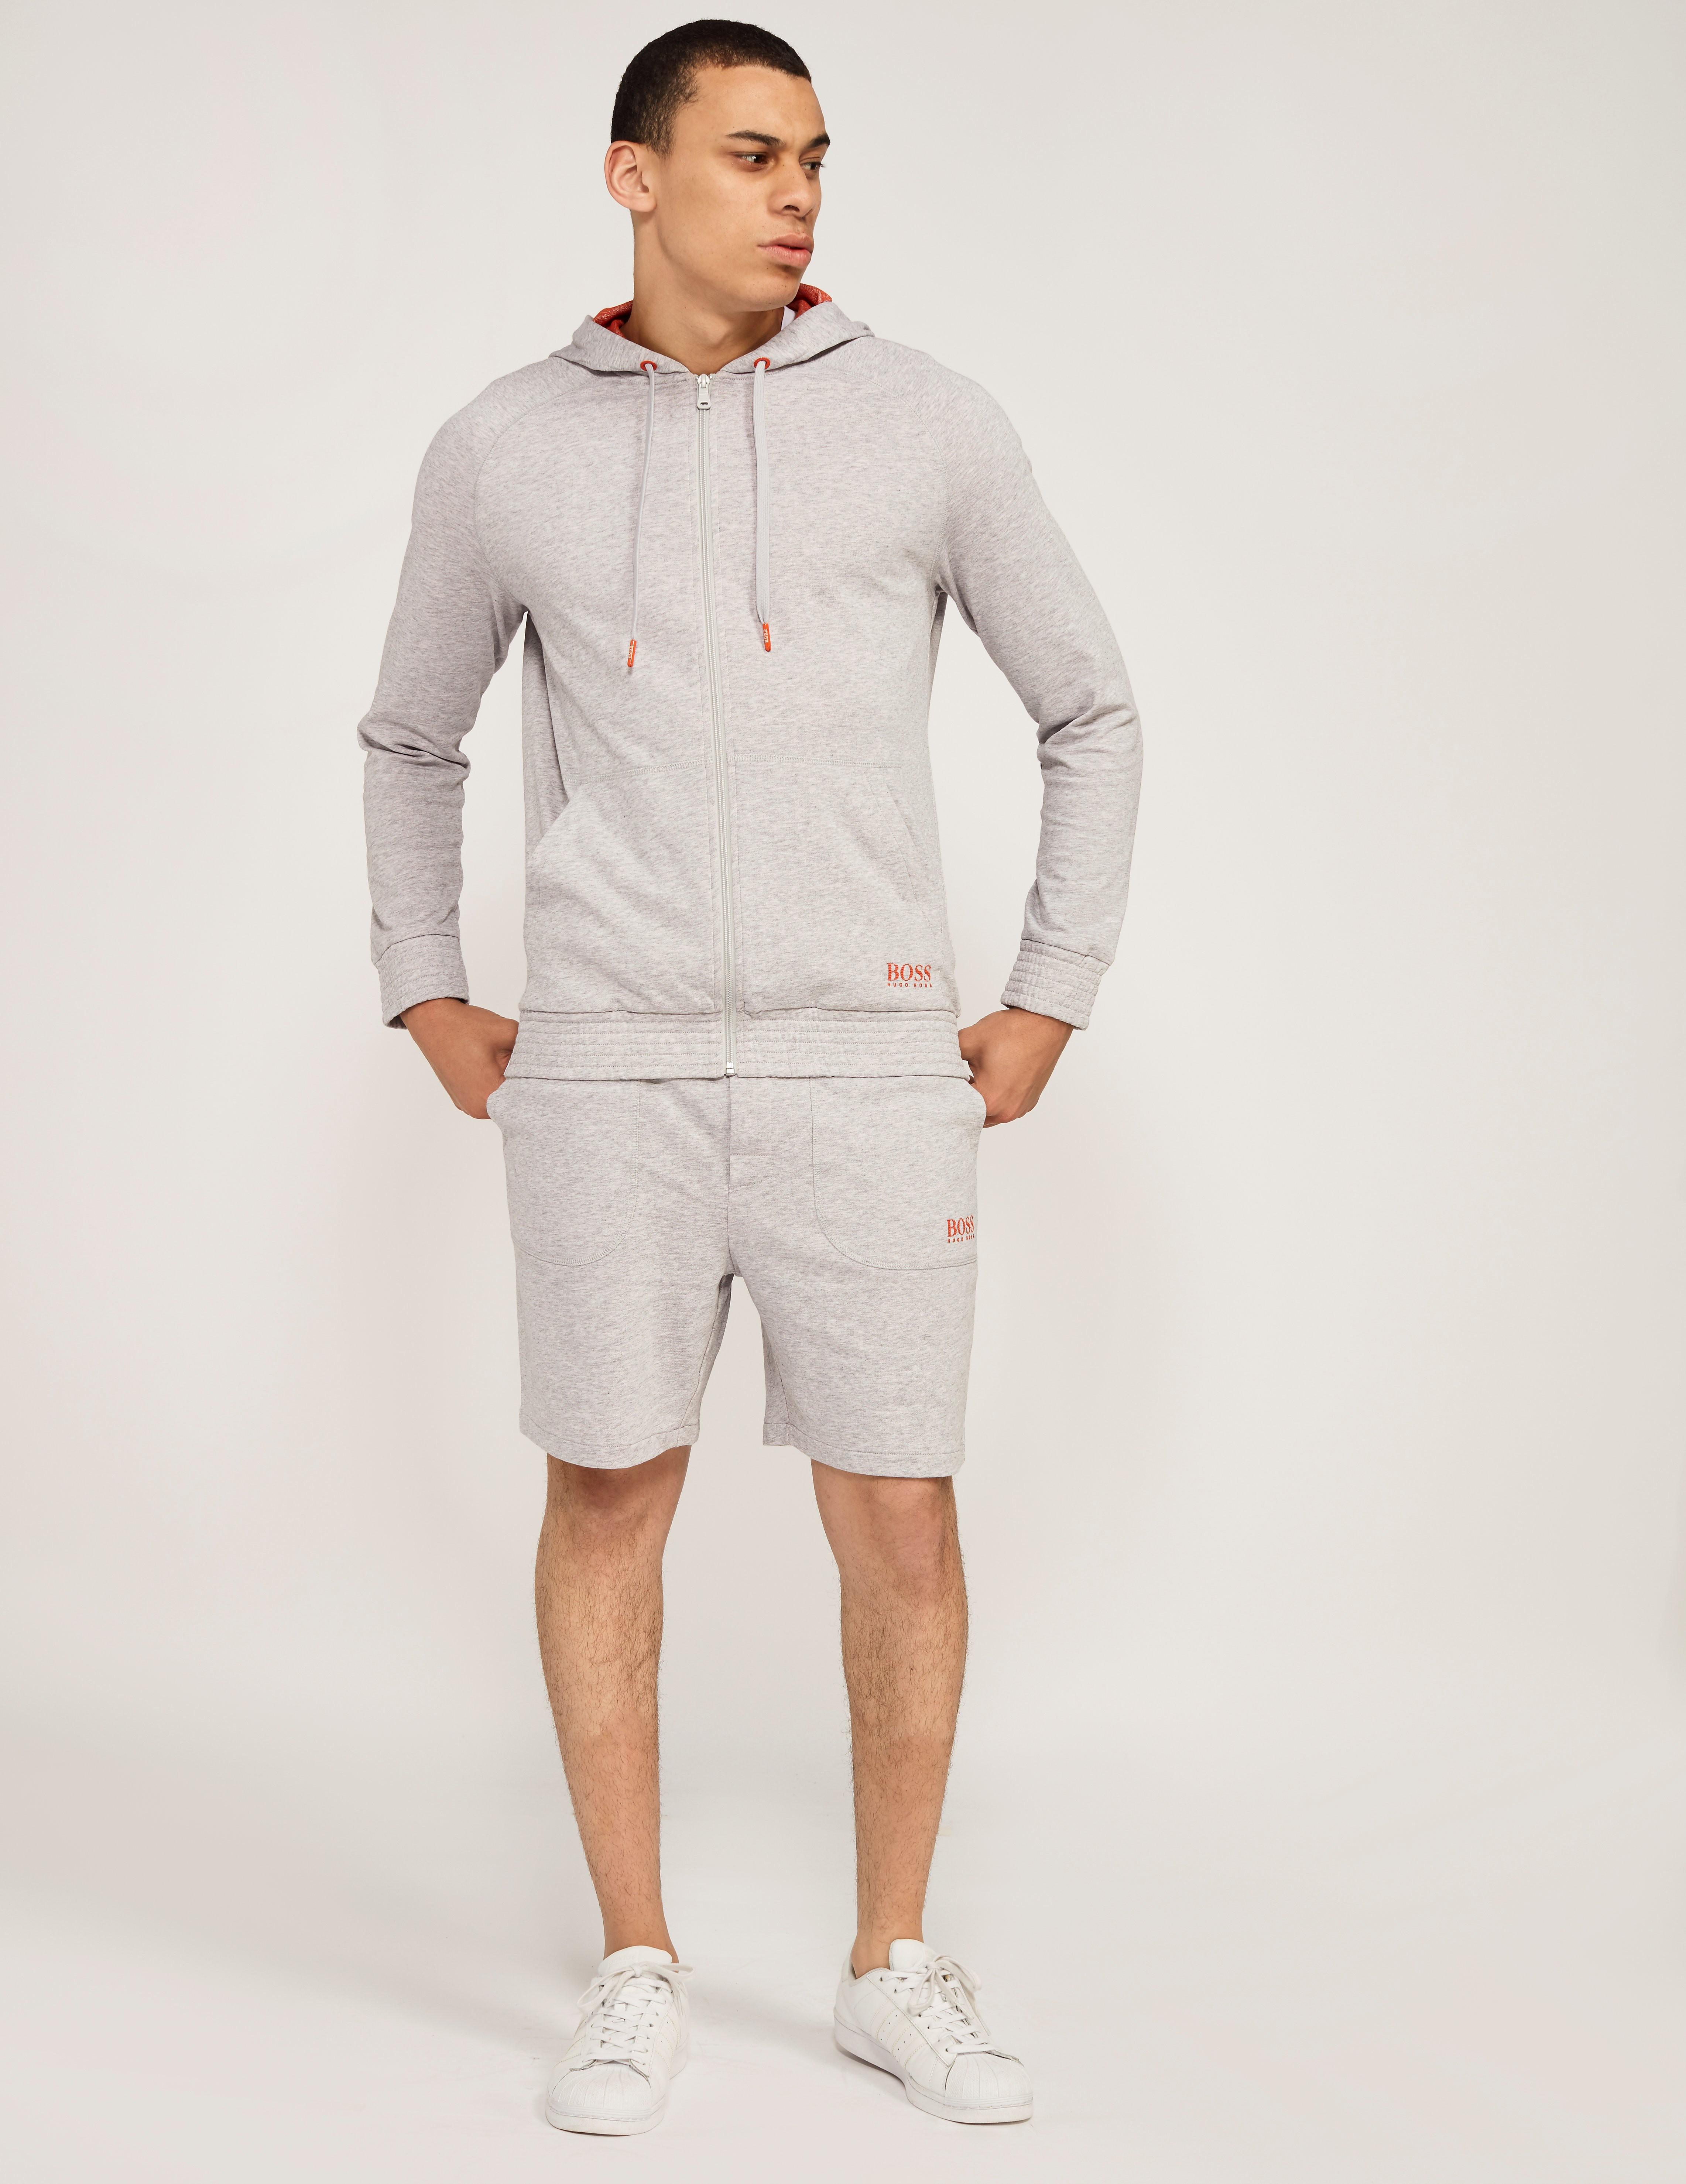 BOSS Fleece Short